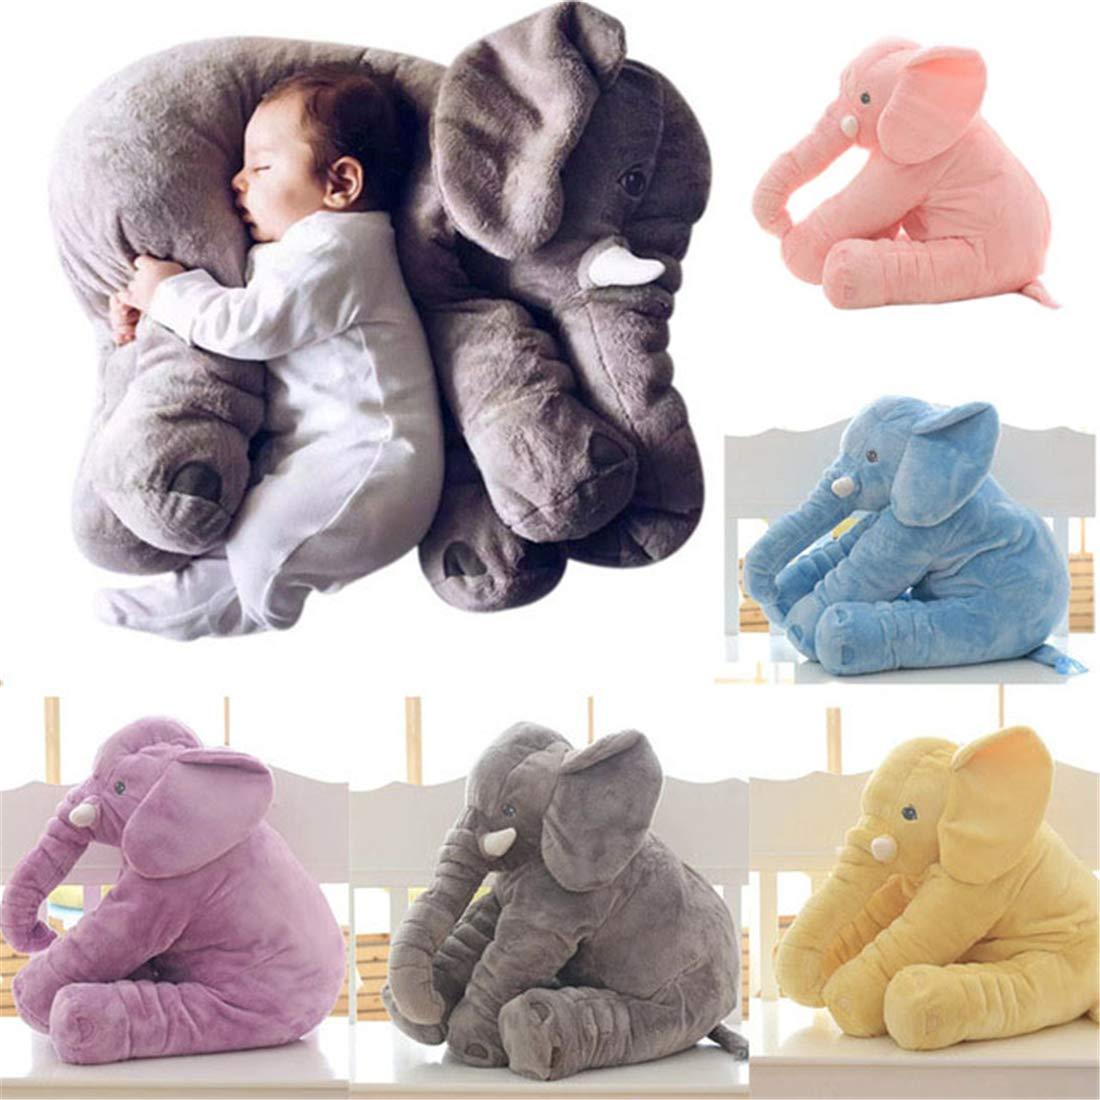 YQ CLZ-Doudou Peluche Nez Long Éléphant Poupée Coussin Douce Jouet Lombaire Animal mignon Elephant Oreiller pour bébés enfants - Bleu demeuble